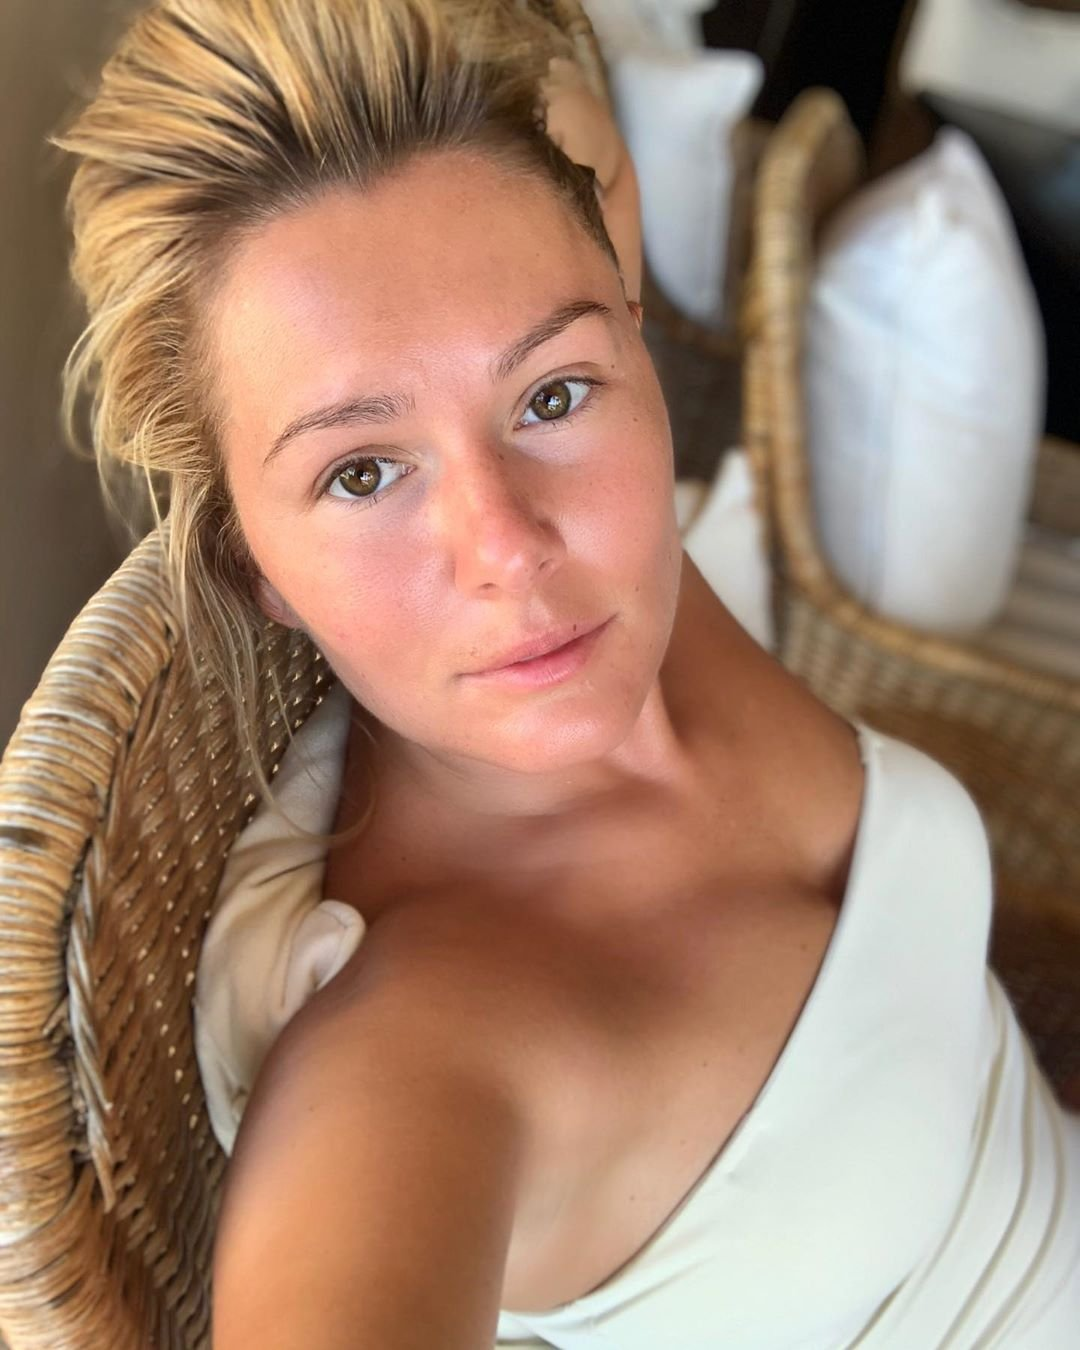 Мария Кожевникова без макияжа стала неузнаваема